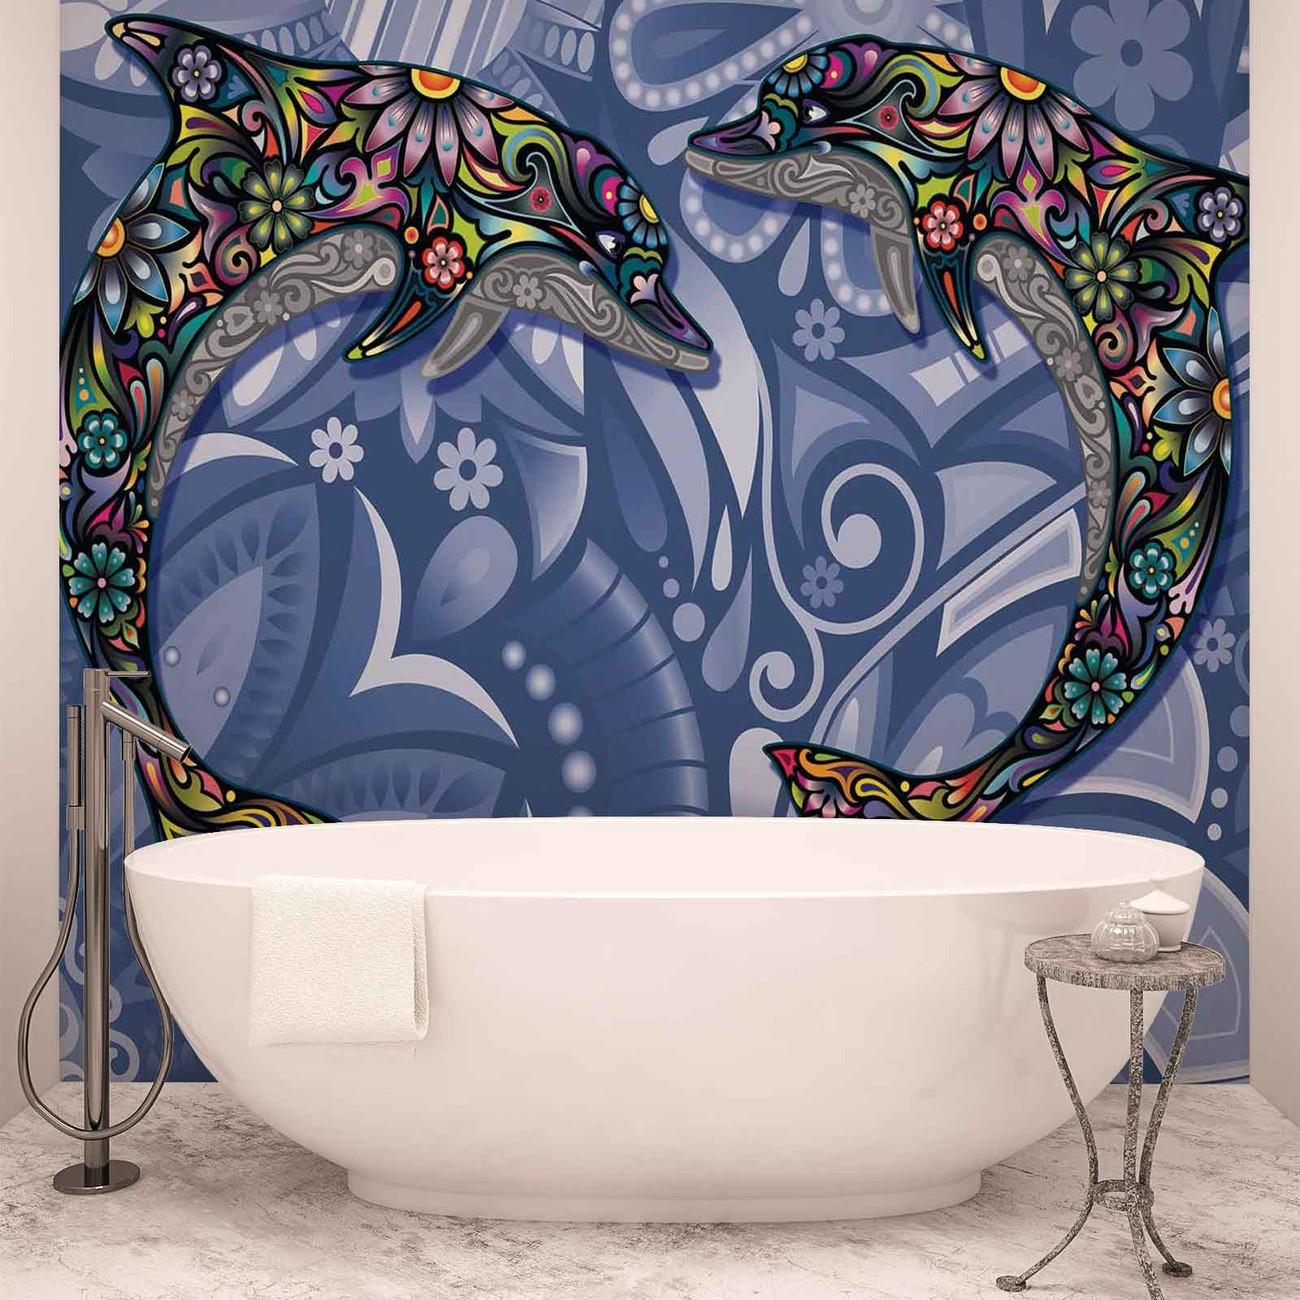 dauphins fleurs abstrait couleurs poster mural papier peint acheter le sur. Black Bedroom Furniture Sets. Home Design Ideas